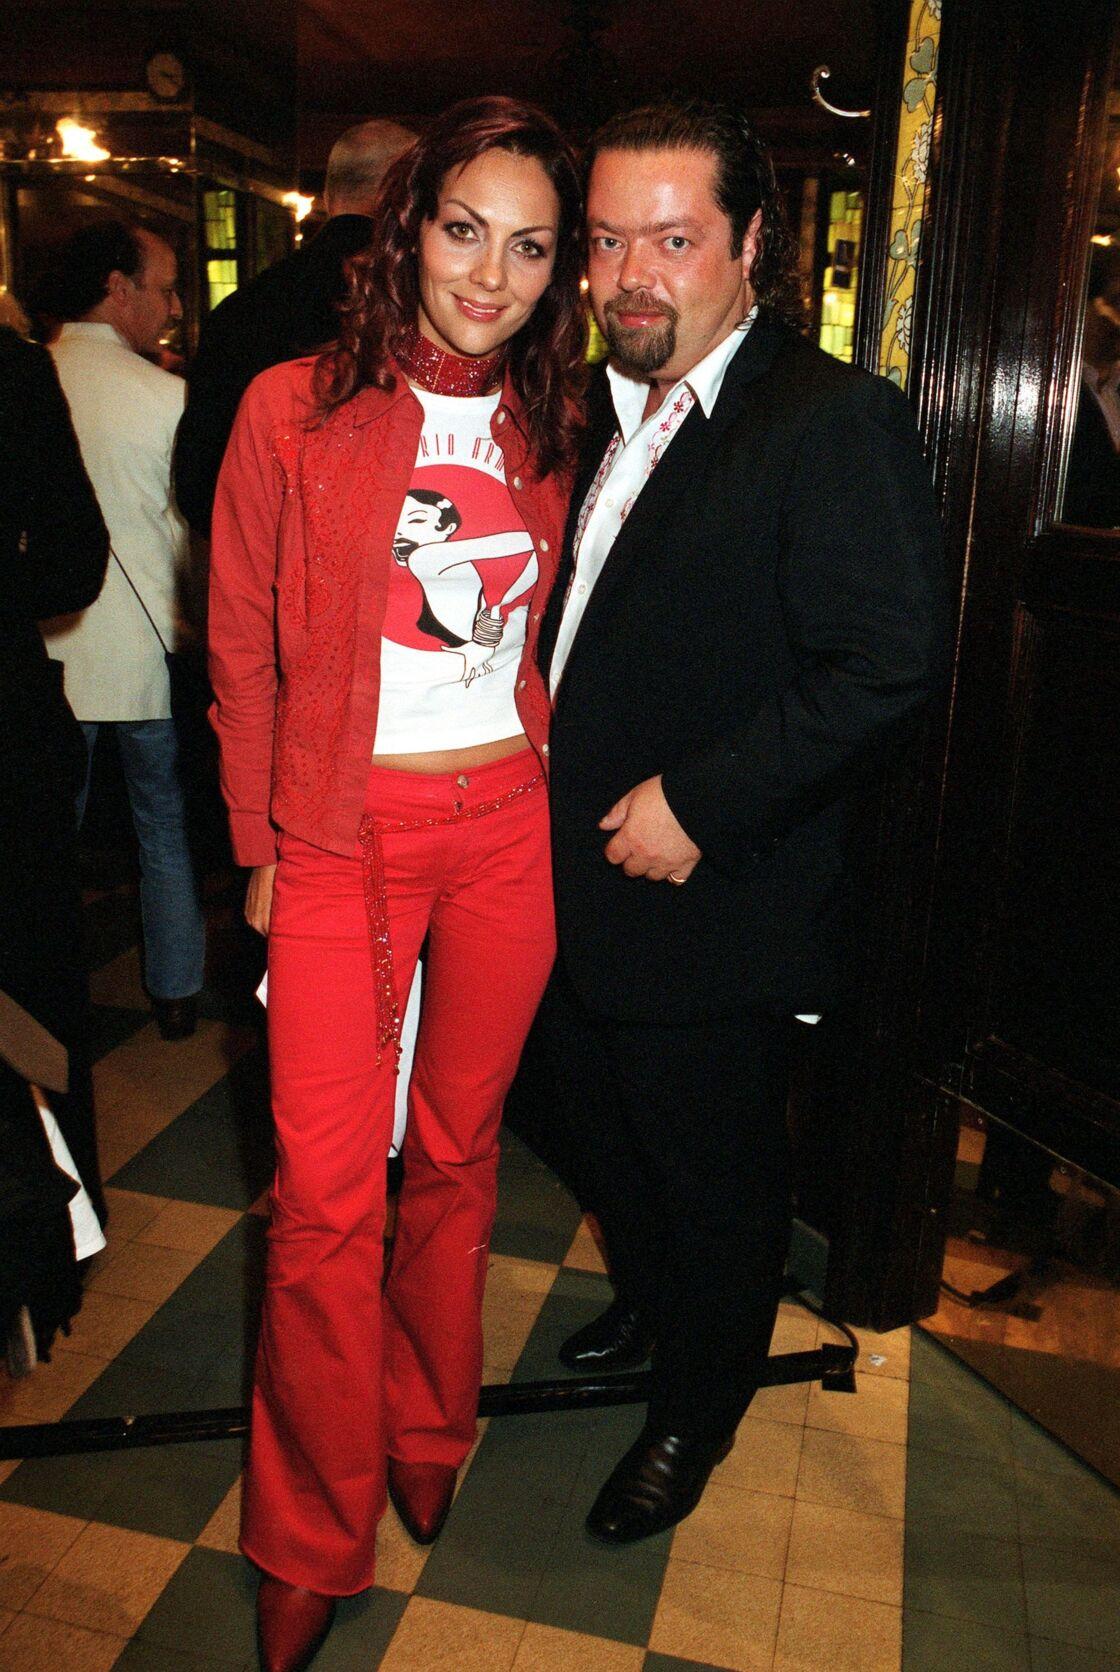 Hermine de Clermont-Tonnerre et son ex-mari Alastair Cuddeford sont restés proches malgré leur divorce en juillet 2009